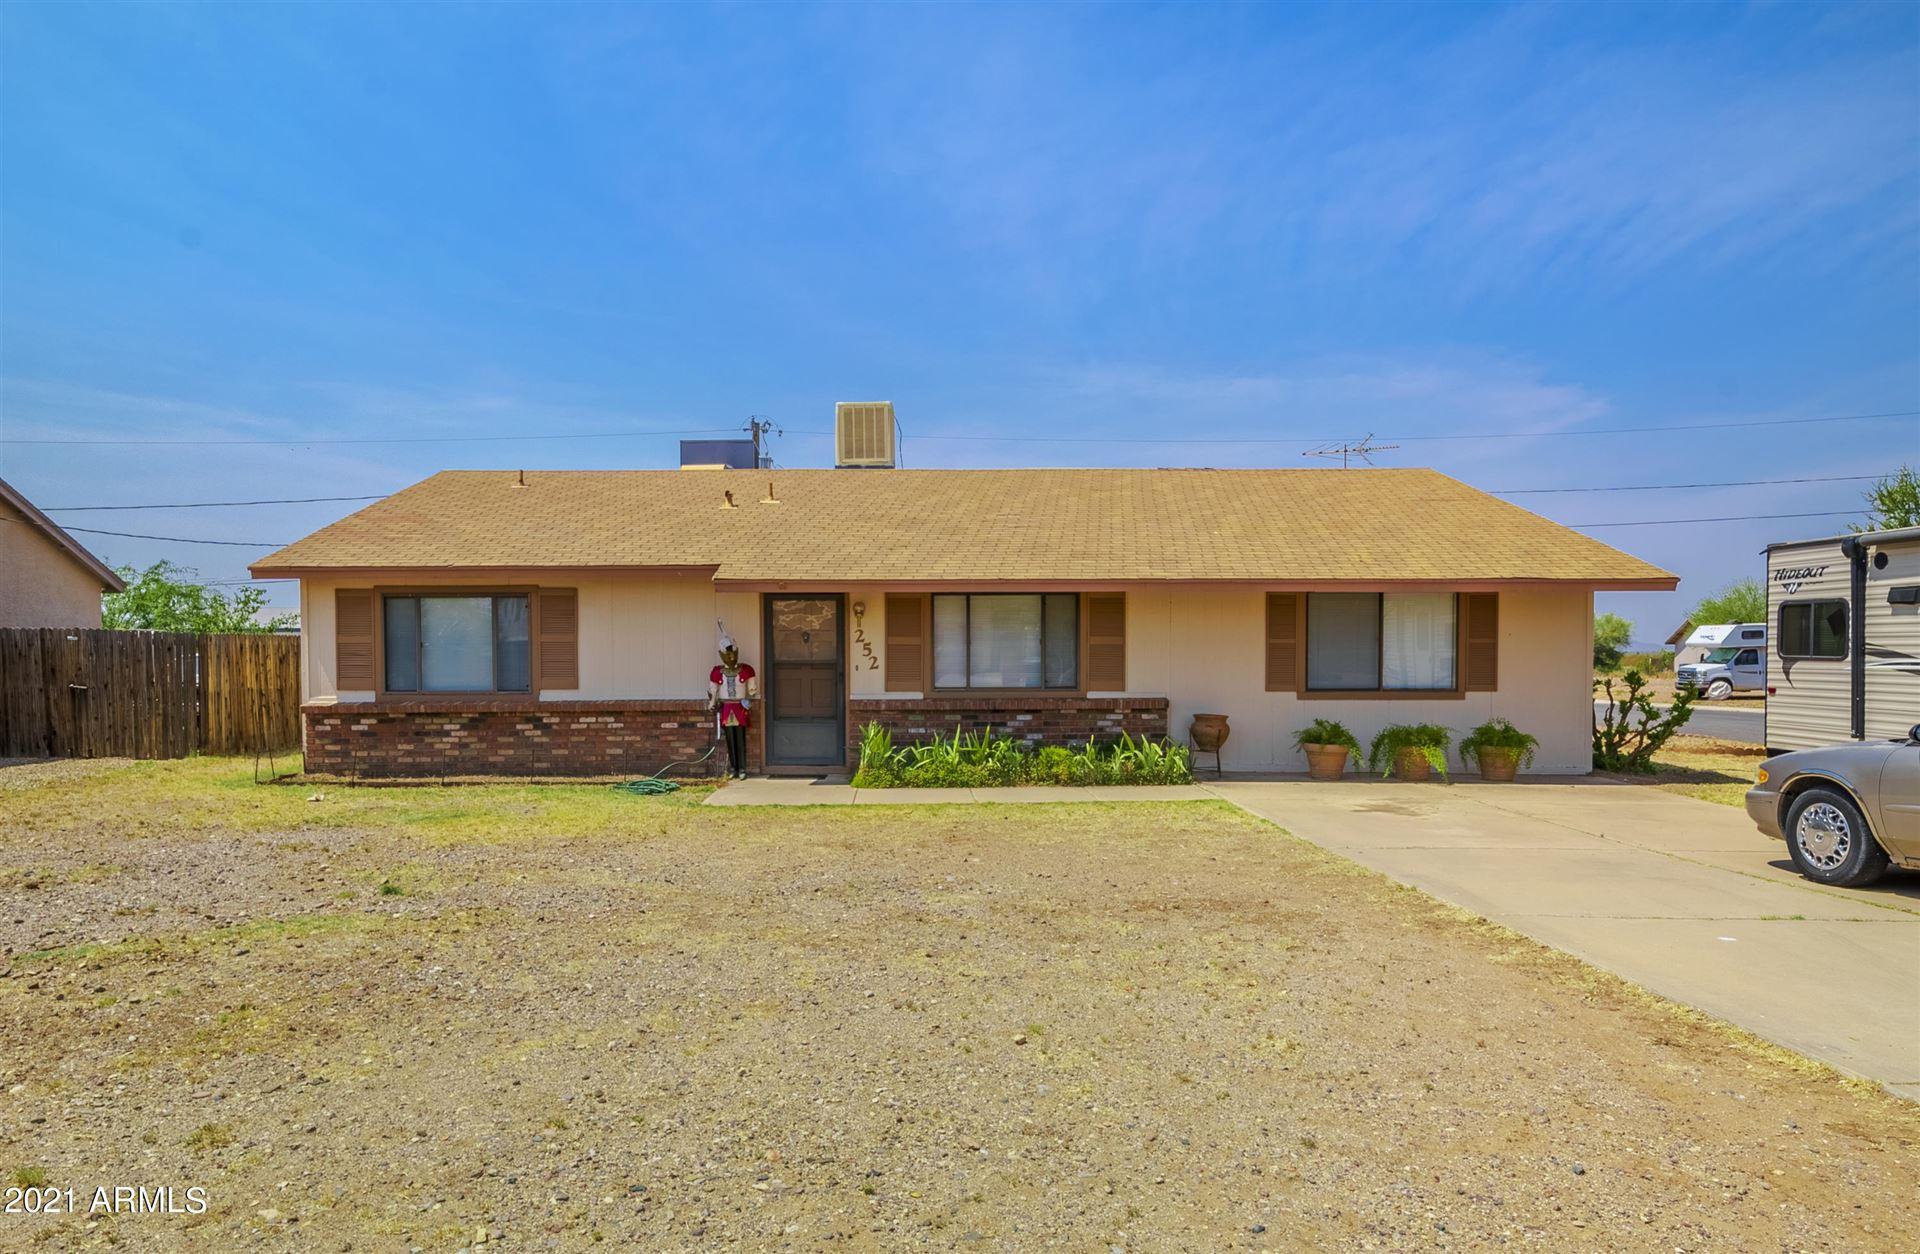 Photo of 252 PERETZ Circle, Morristown, AZ 85342 (MLS # 6252579)